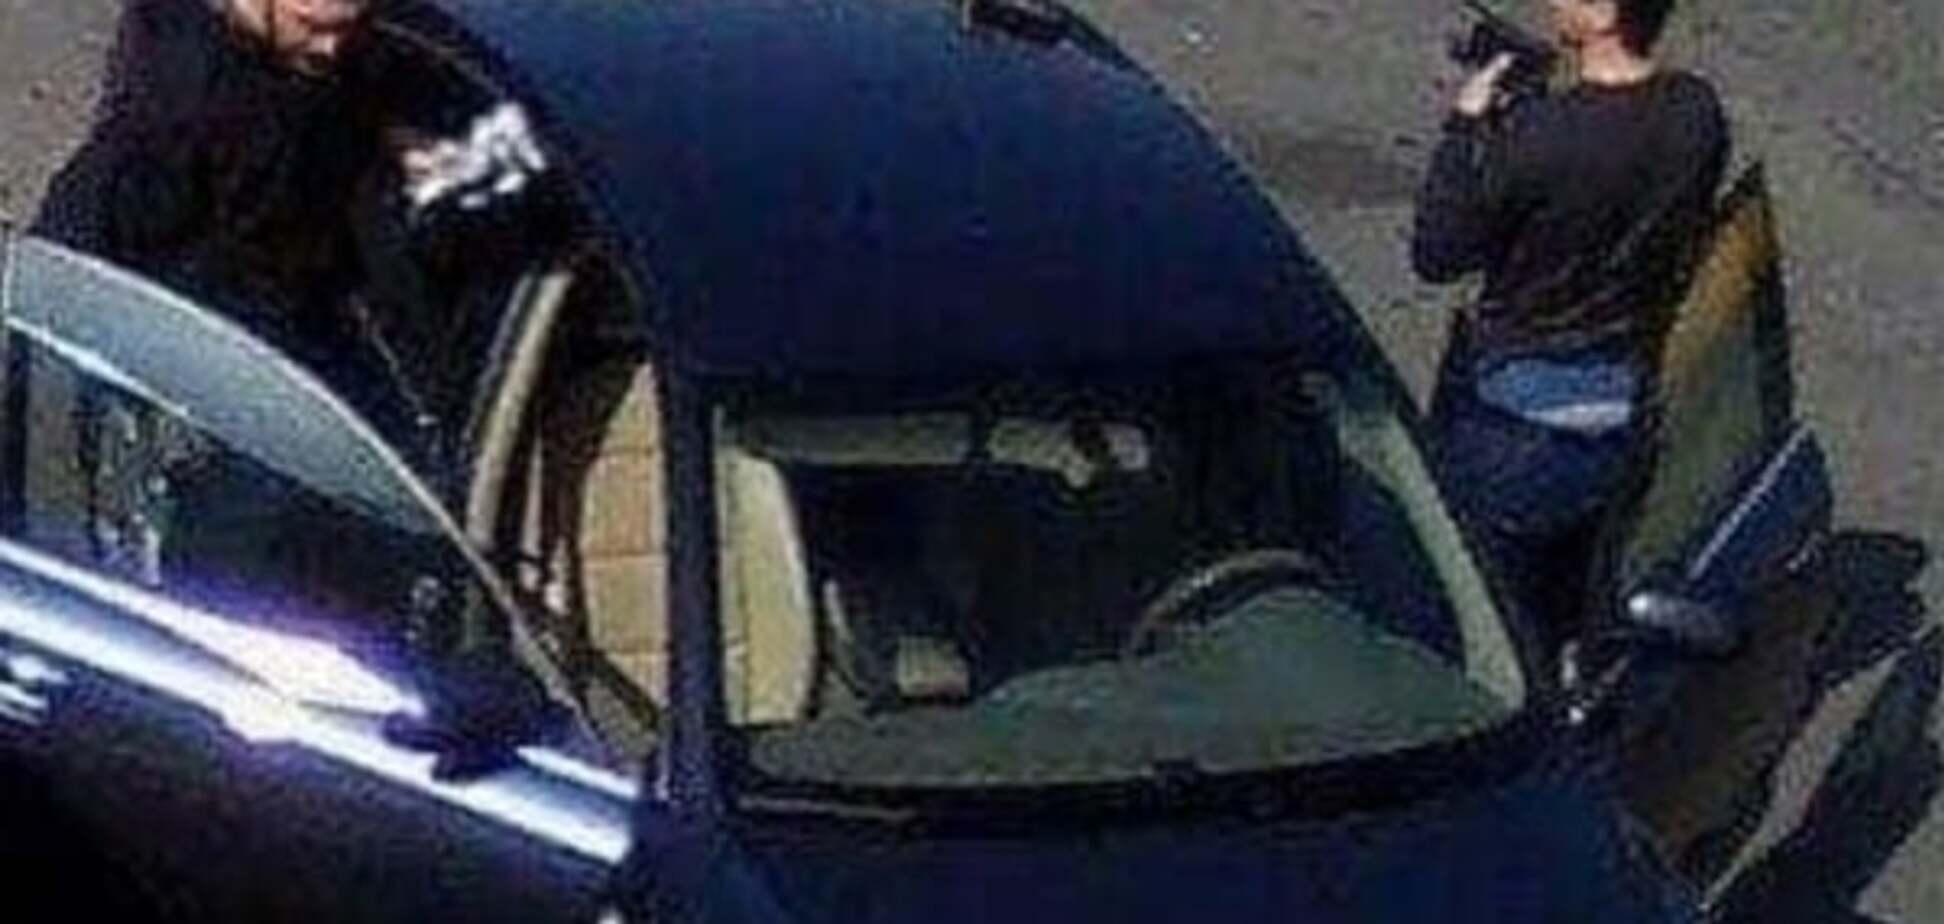 Зникнення водія BlaBlaCar: сім'я Познякова заявила, що автомобіль не знайшли